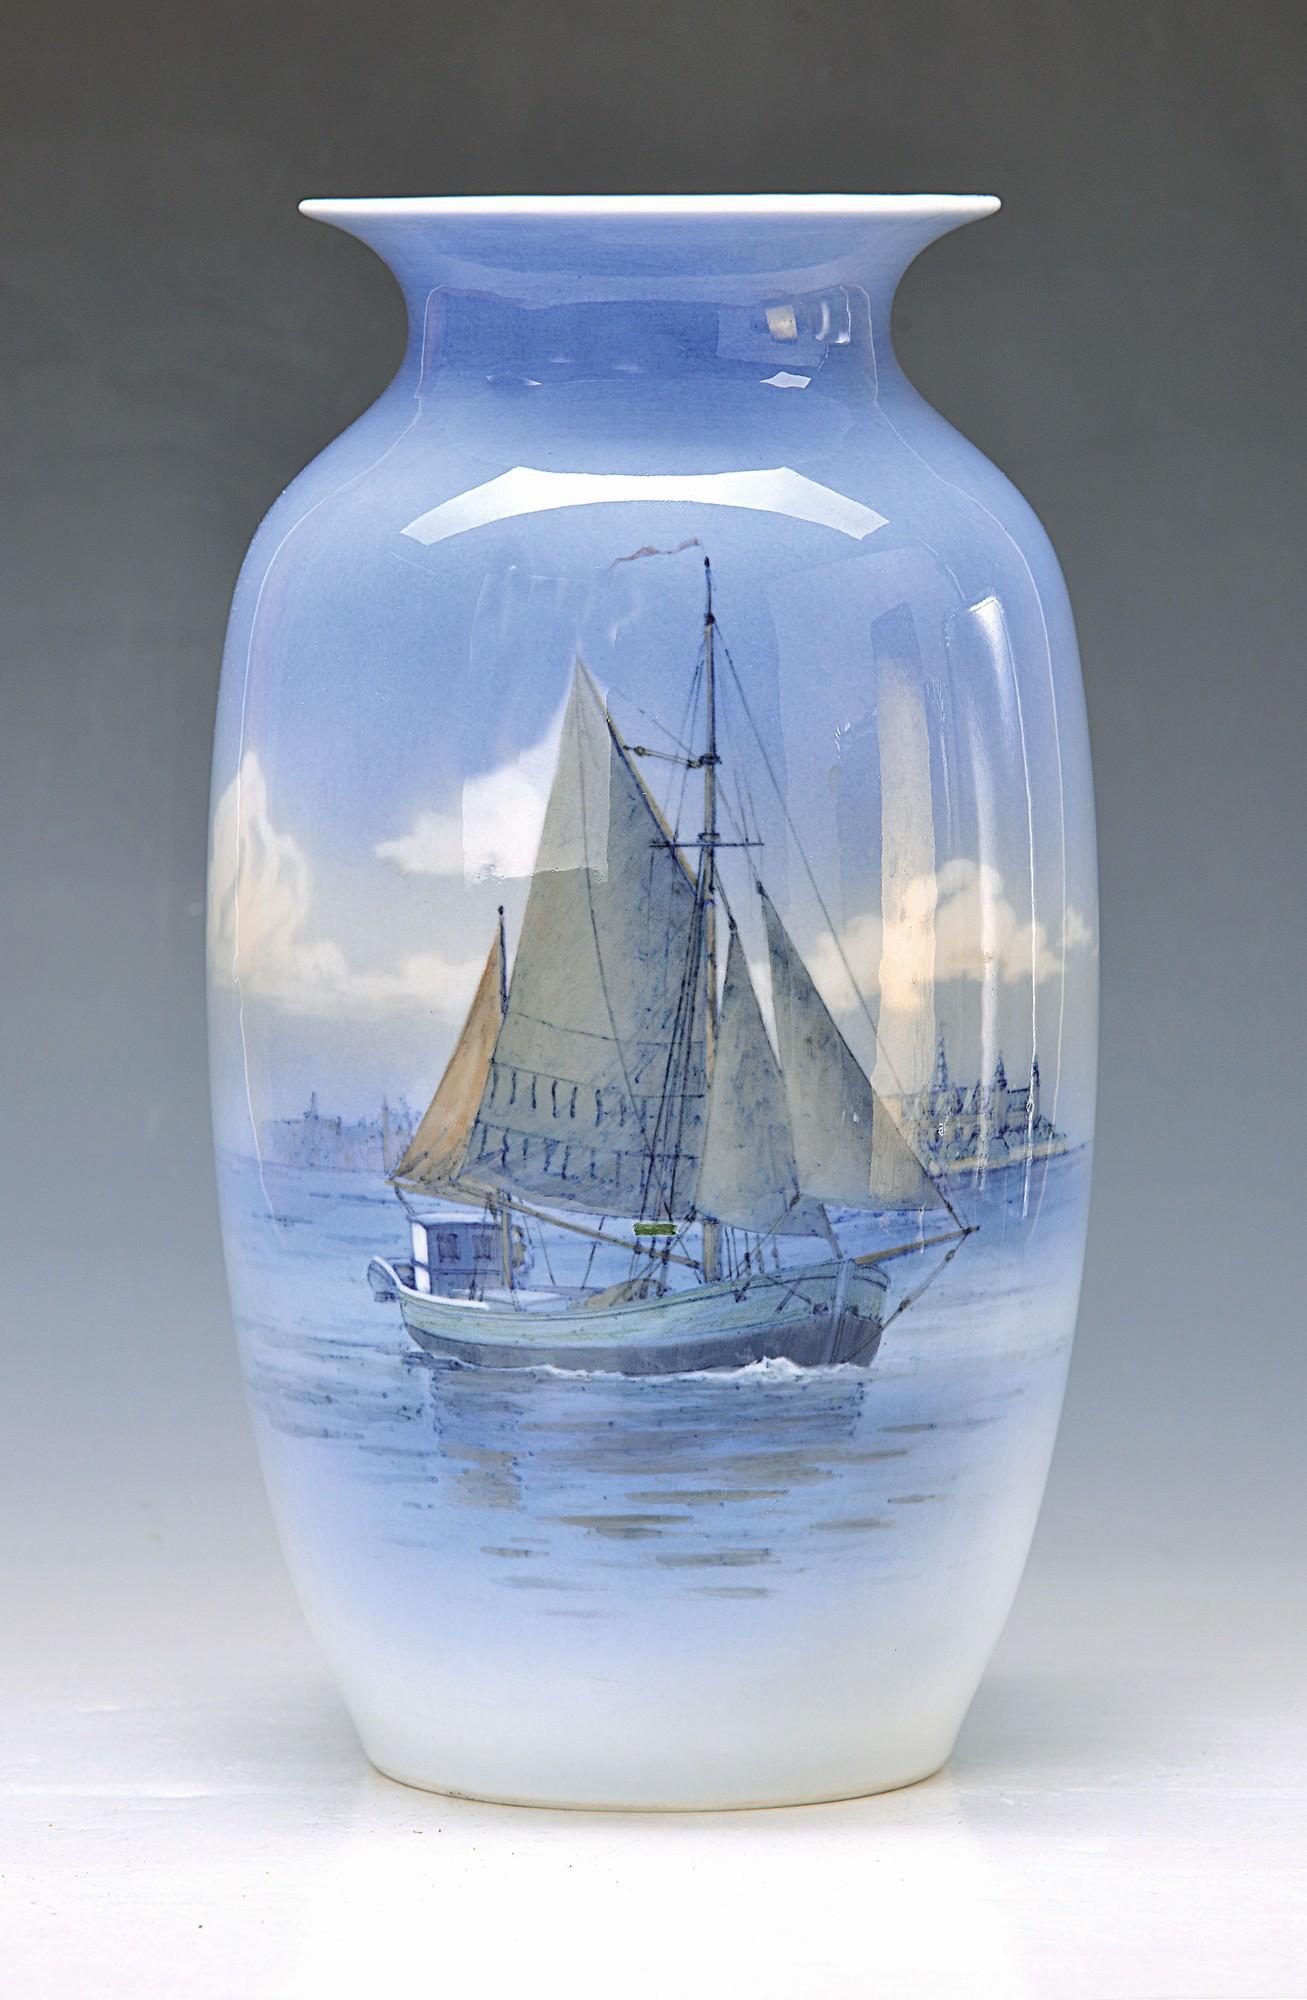 large vase, Royal Copenhagen, Denmark, 1944, porcelain, harbour scene with ship, polychromepainting,